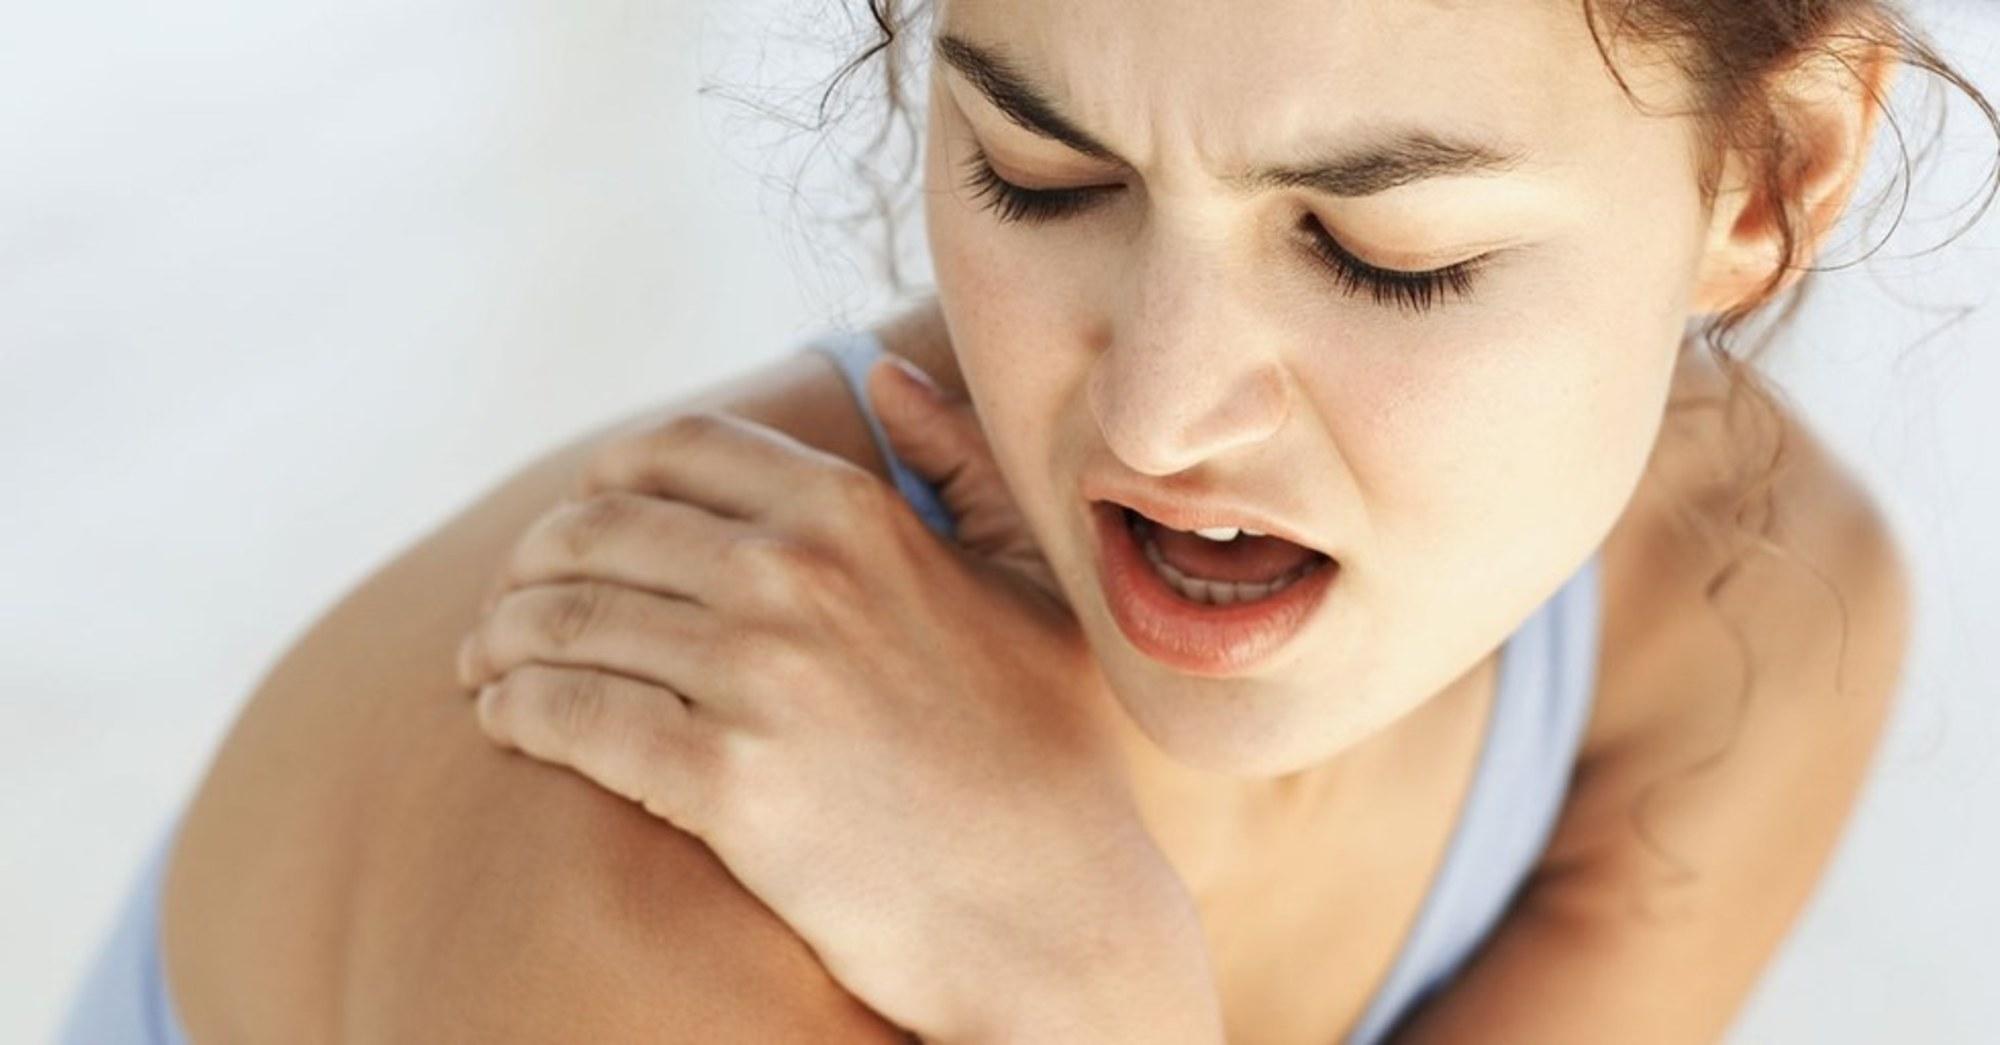 Şiddetli mide ve omuz ağrısına dikkat! Safra kesesi taşı olabilir